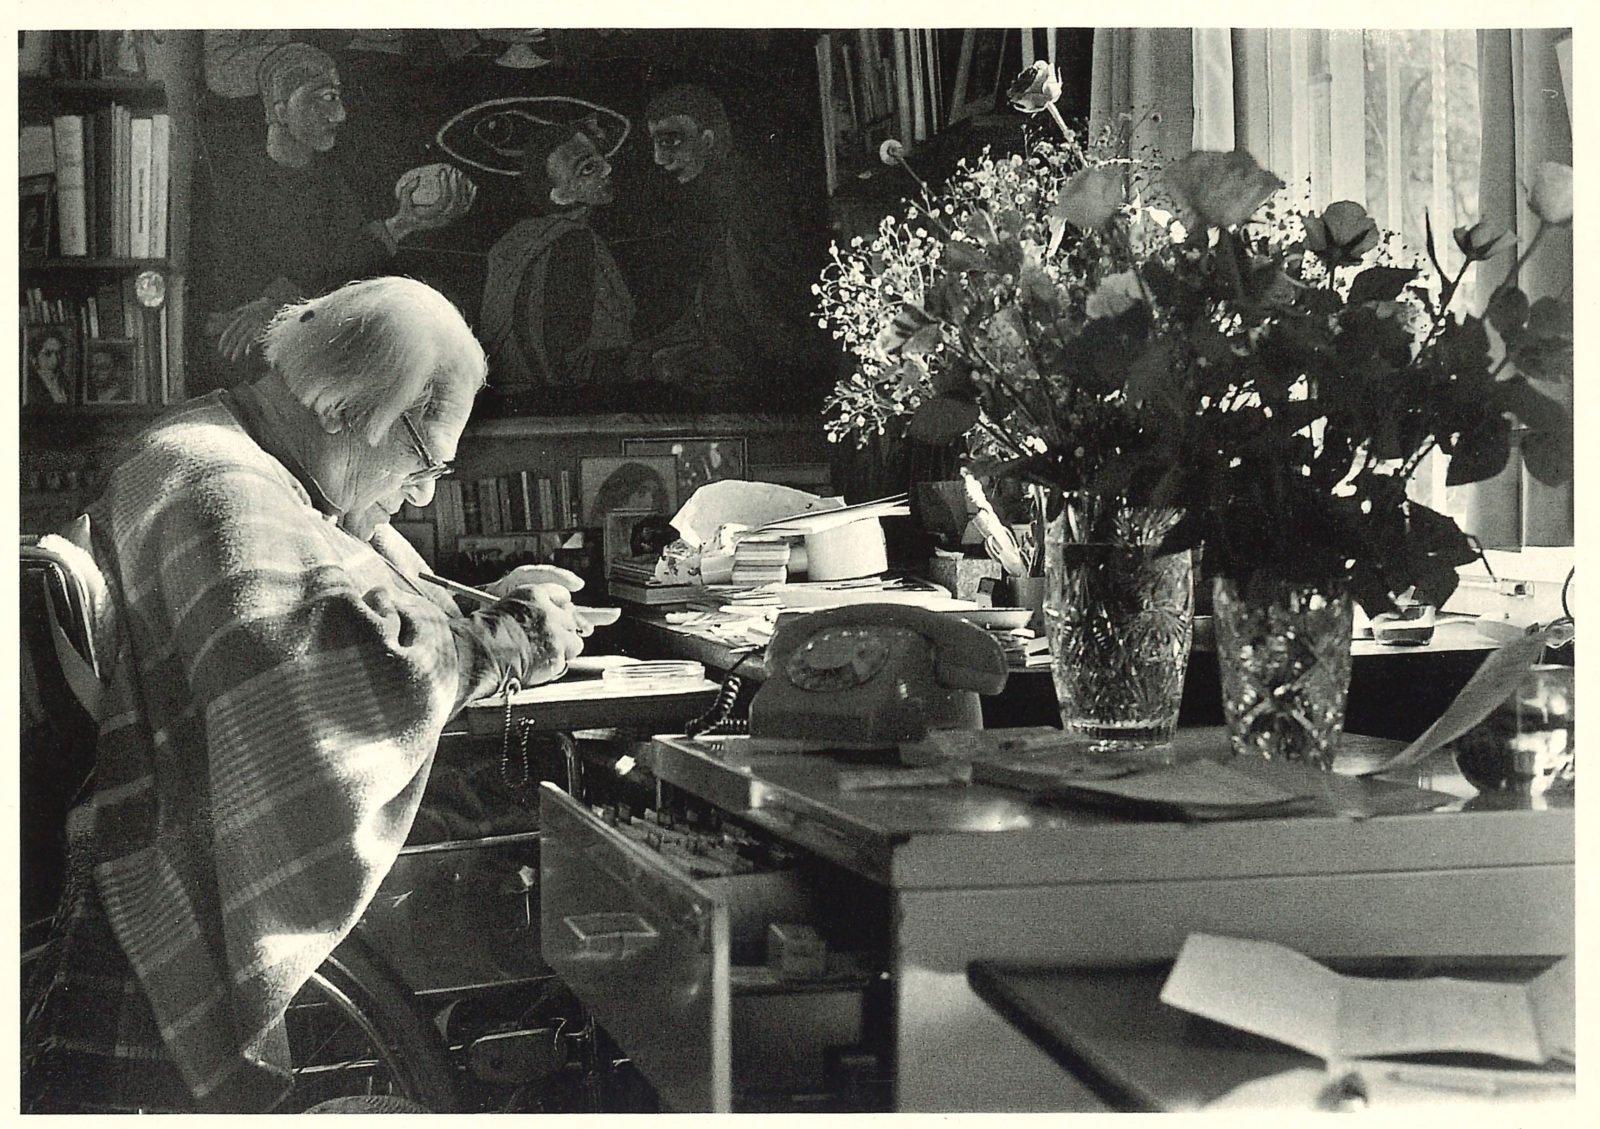 Eine Postkarte, die Lindenberg im Rollstuhl sitzen an seinem Schreibtisch zeigt. Auf demTisch stehen Blumen, ein Telefon mit Wählscheibe und diverse Dokumente und Bücher.